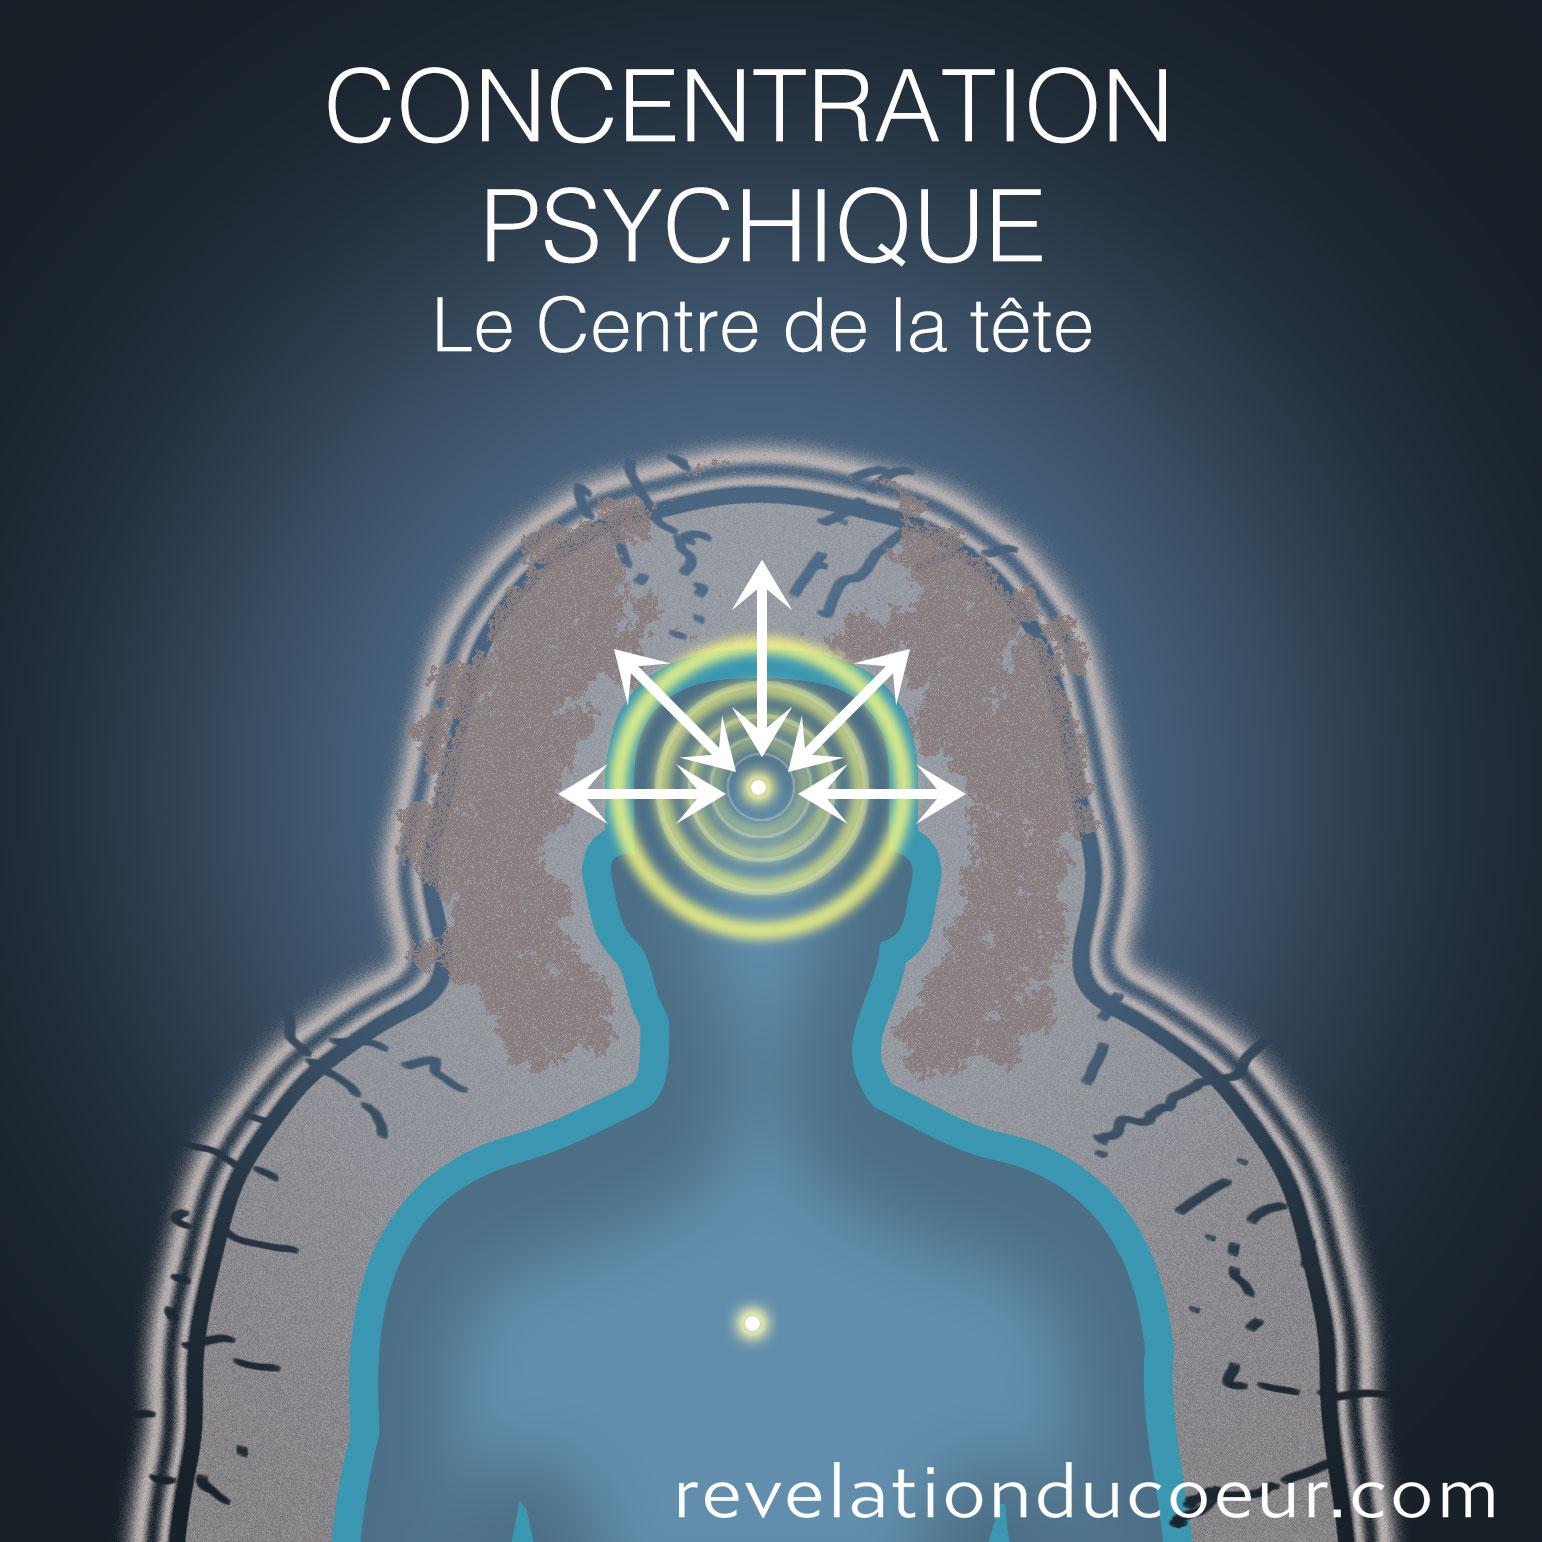 La concentration psychique par Roland Perret énergéticien https://revelationducoeur.com